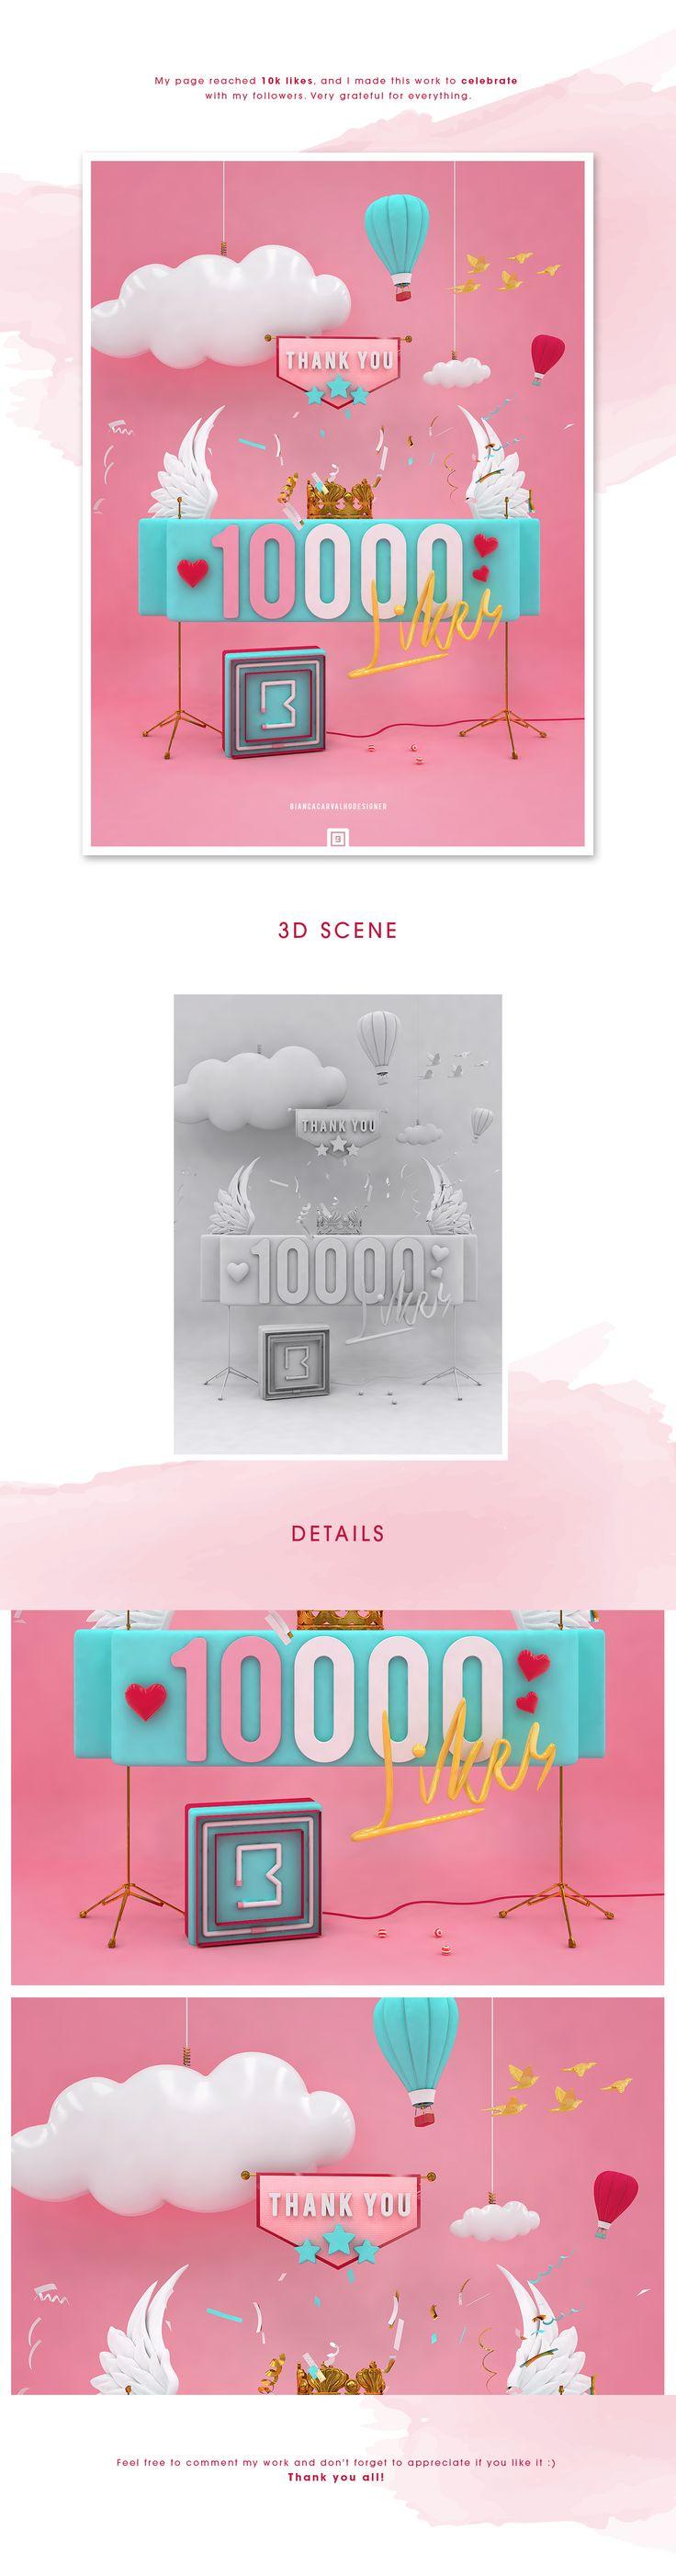 10K Likes - Fanpage on Behance